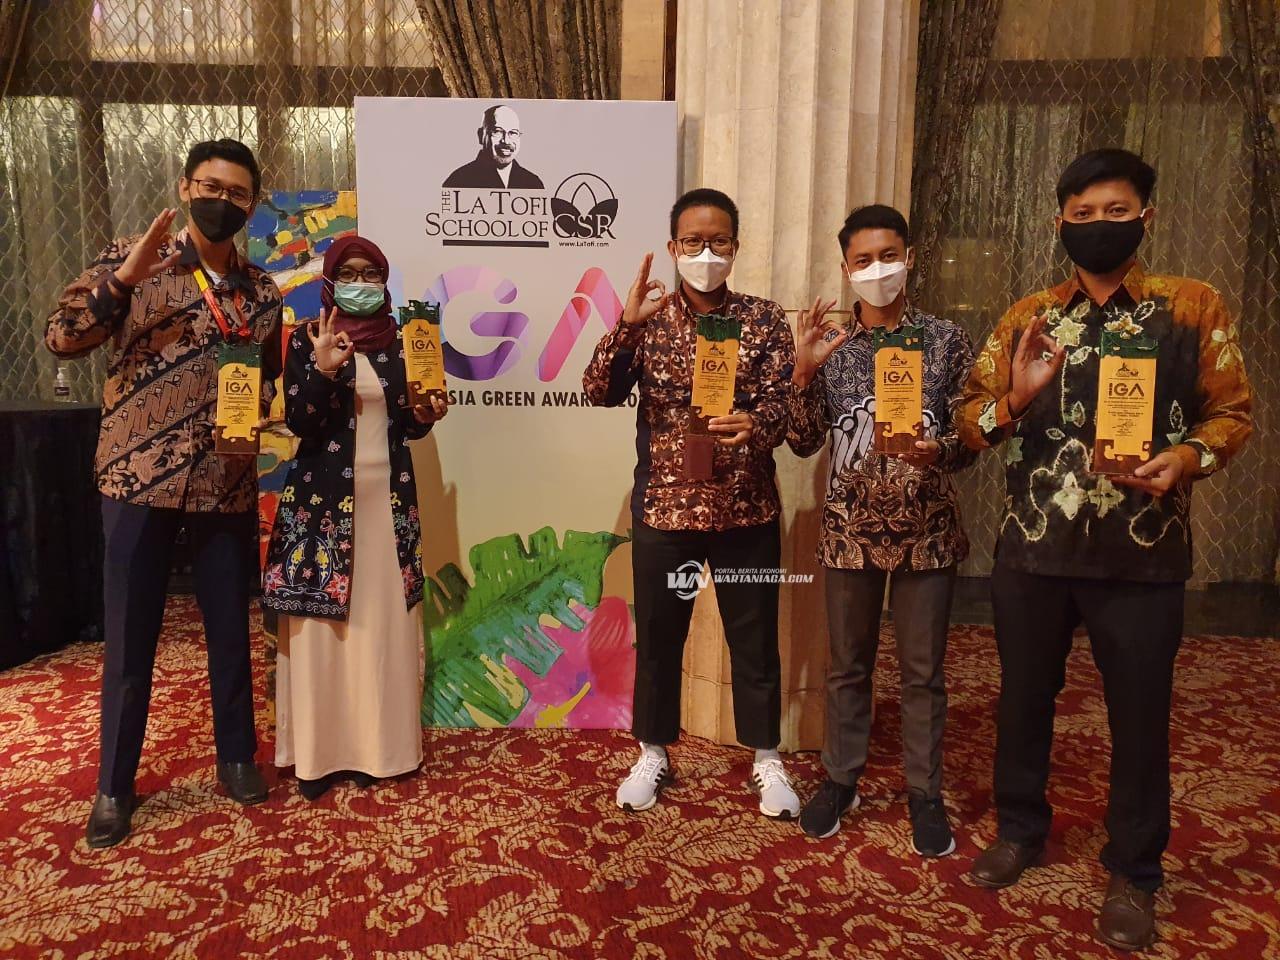 Pertamina IT Banjarmasin dan DPPU Syamsudin Noor Raih Empat Penghargaan Sekaligus di IGA 2021